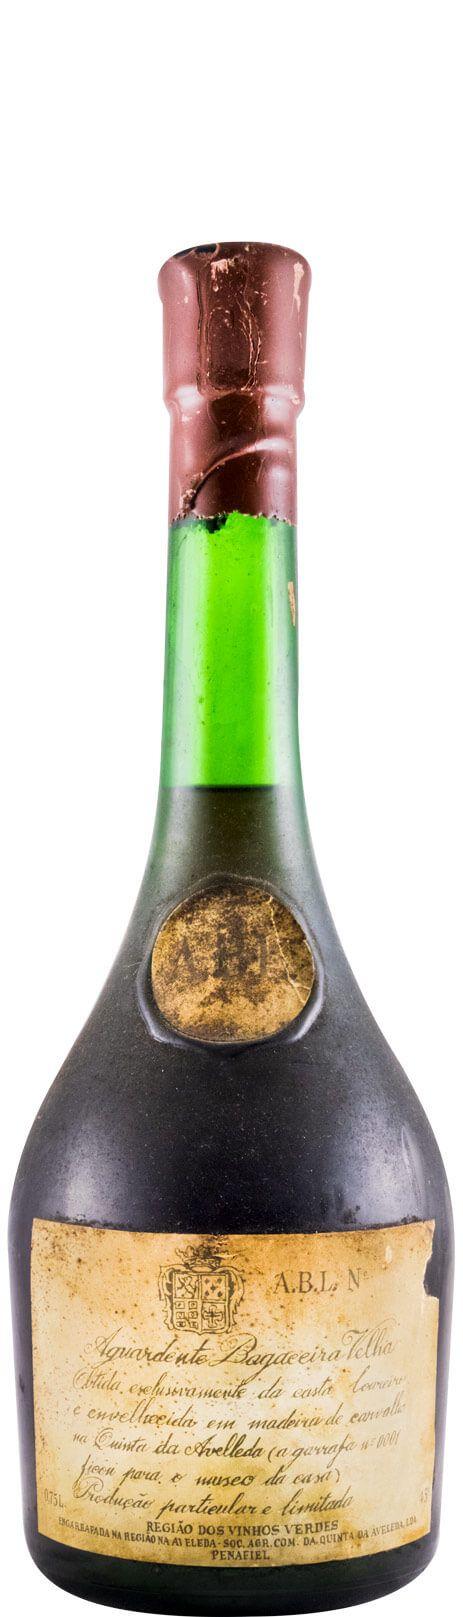 Grape Spirit Aveleda Velha ABL 75cl